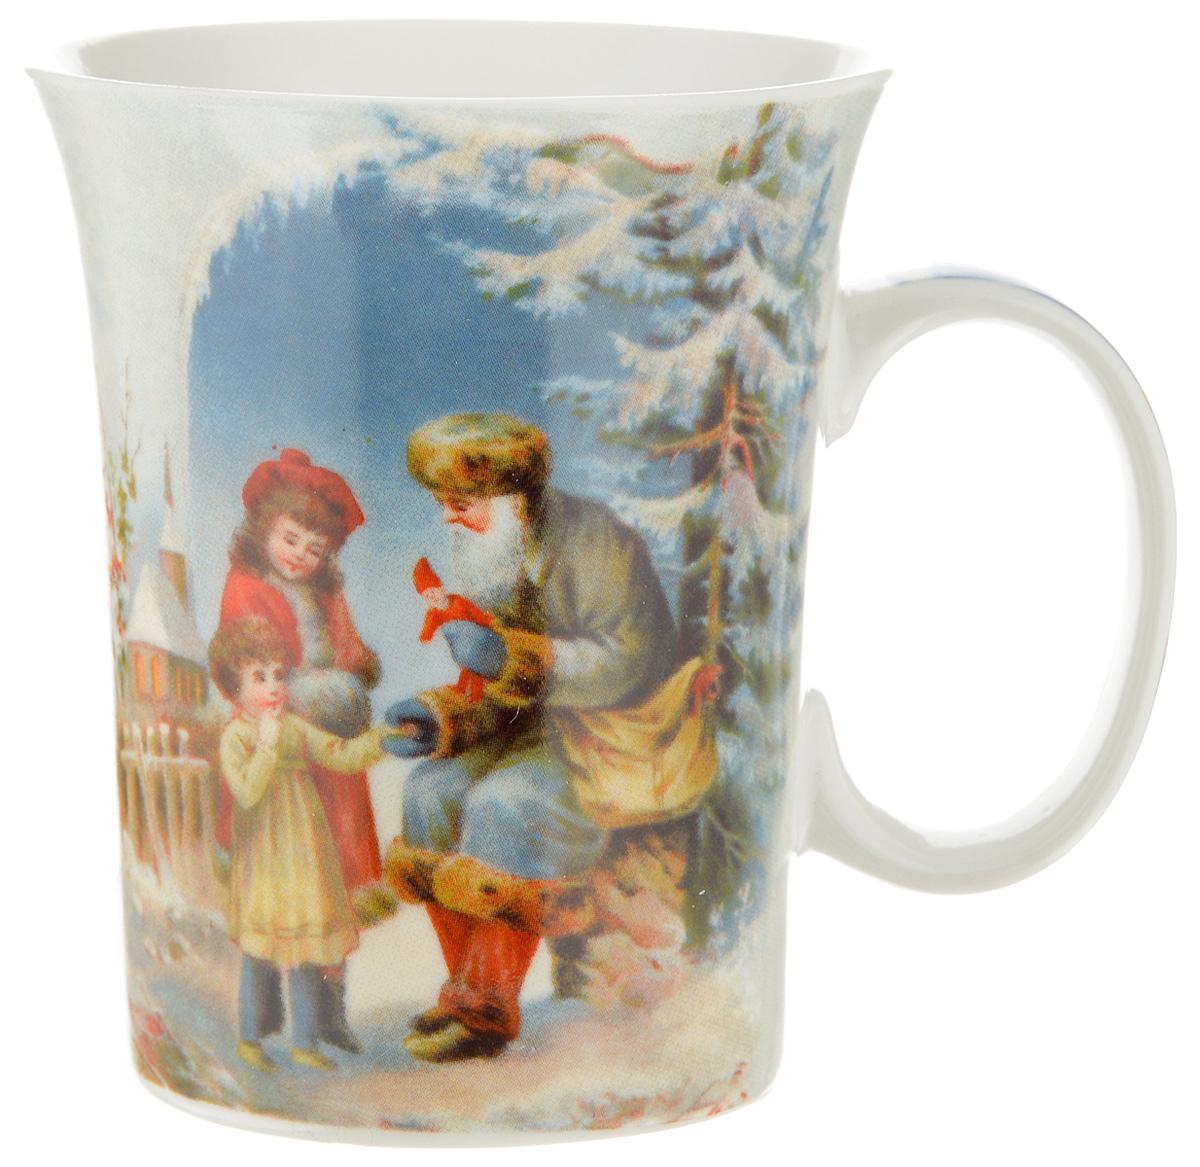 Кружка Lillo Дед Мороз и дети, 350 мл216041_дед Мороз и детиКружка Lillo Дед Мороз и дети выполнена из высококачественной керамики с глазурованным покрытием. С внешней стороны изделие декорировано красивым новогодним рисунком. Такая кружка станет приятным подарком к Новому Году и согреет вас холодными зимними вечерами. Диаметр (по верхнему краю): 8,5 см. Высота кружки: 10,5 см.